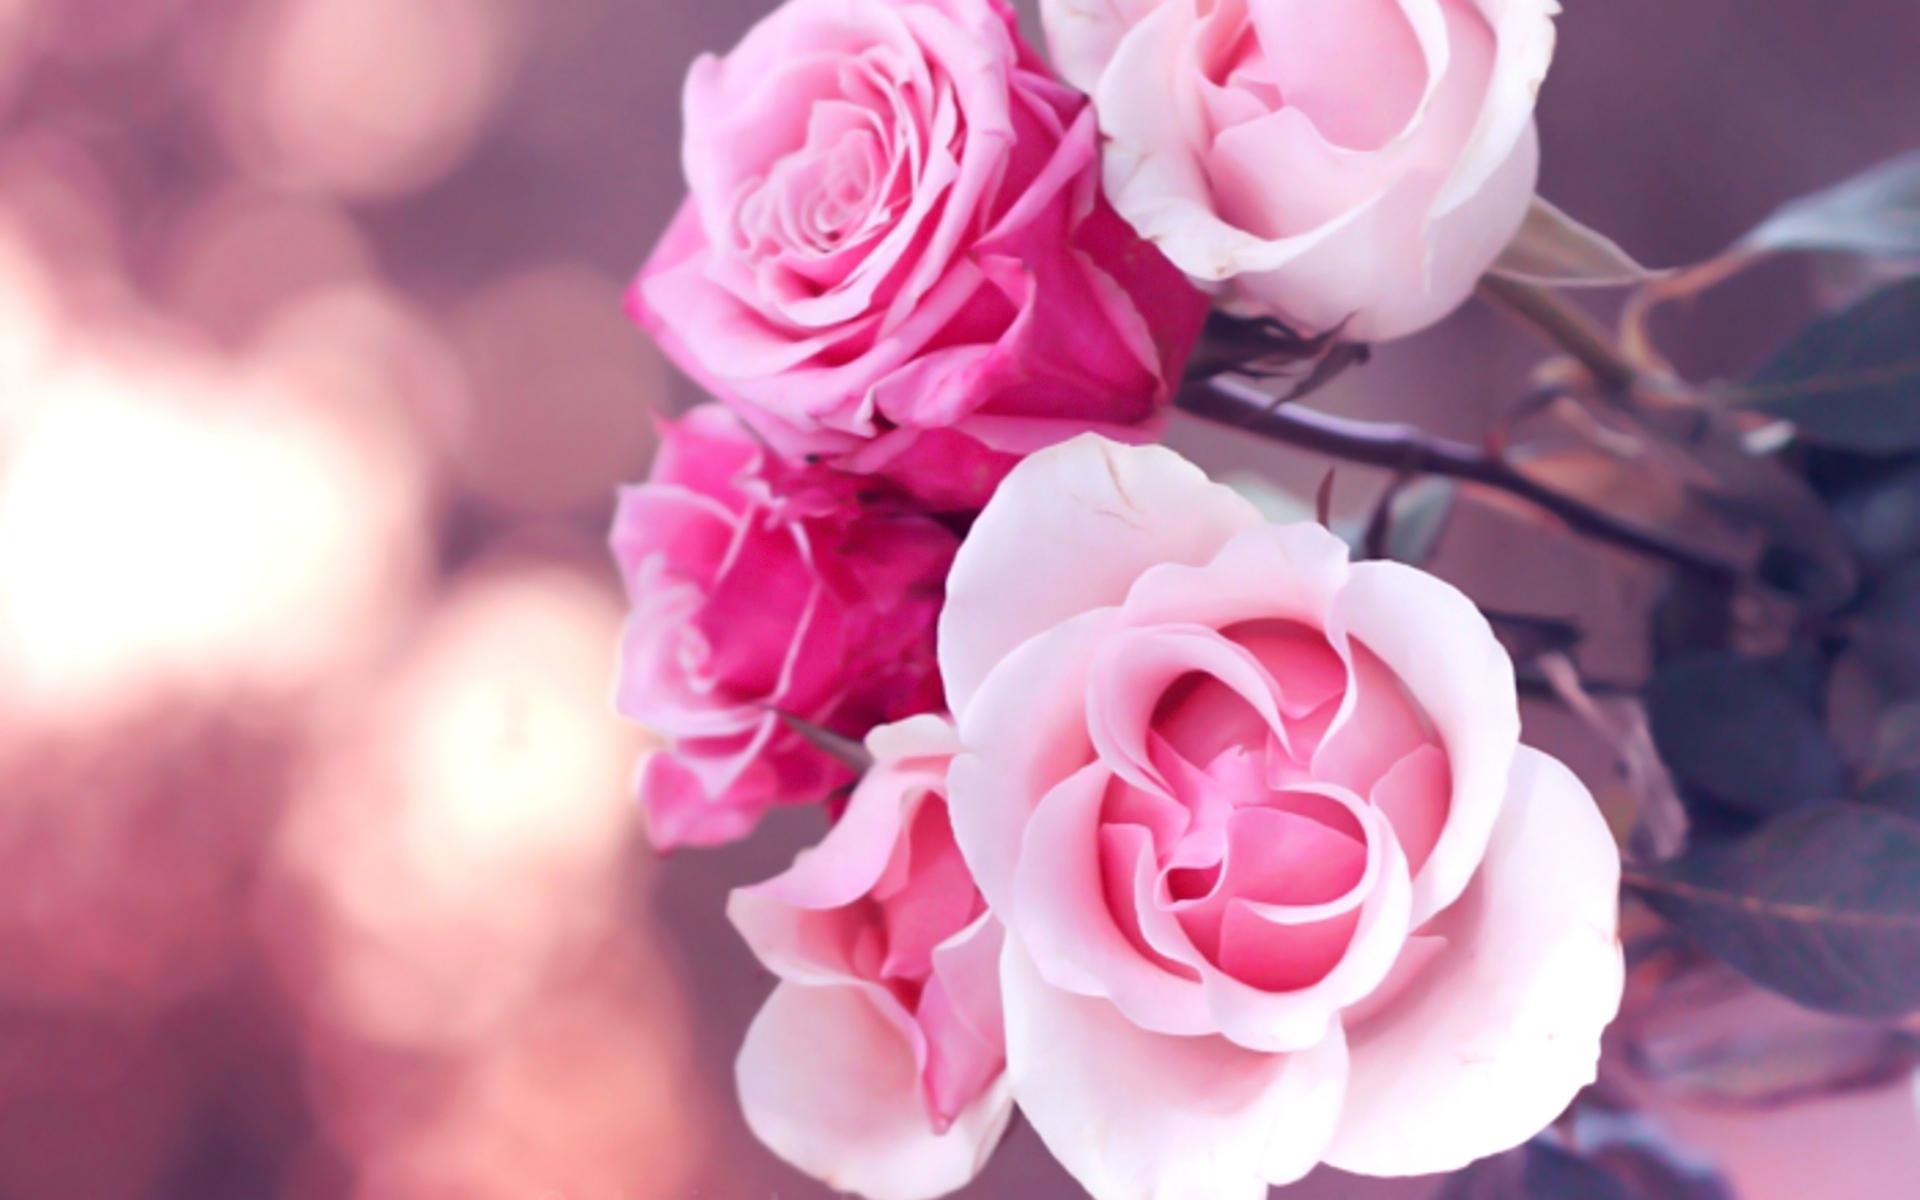 6776168 Beautiful Pink Roses Wallpaper